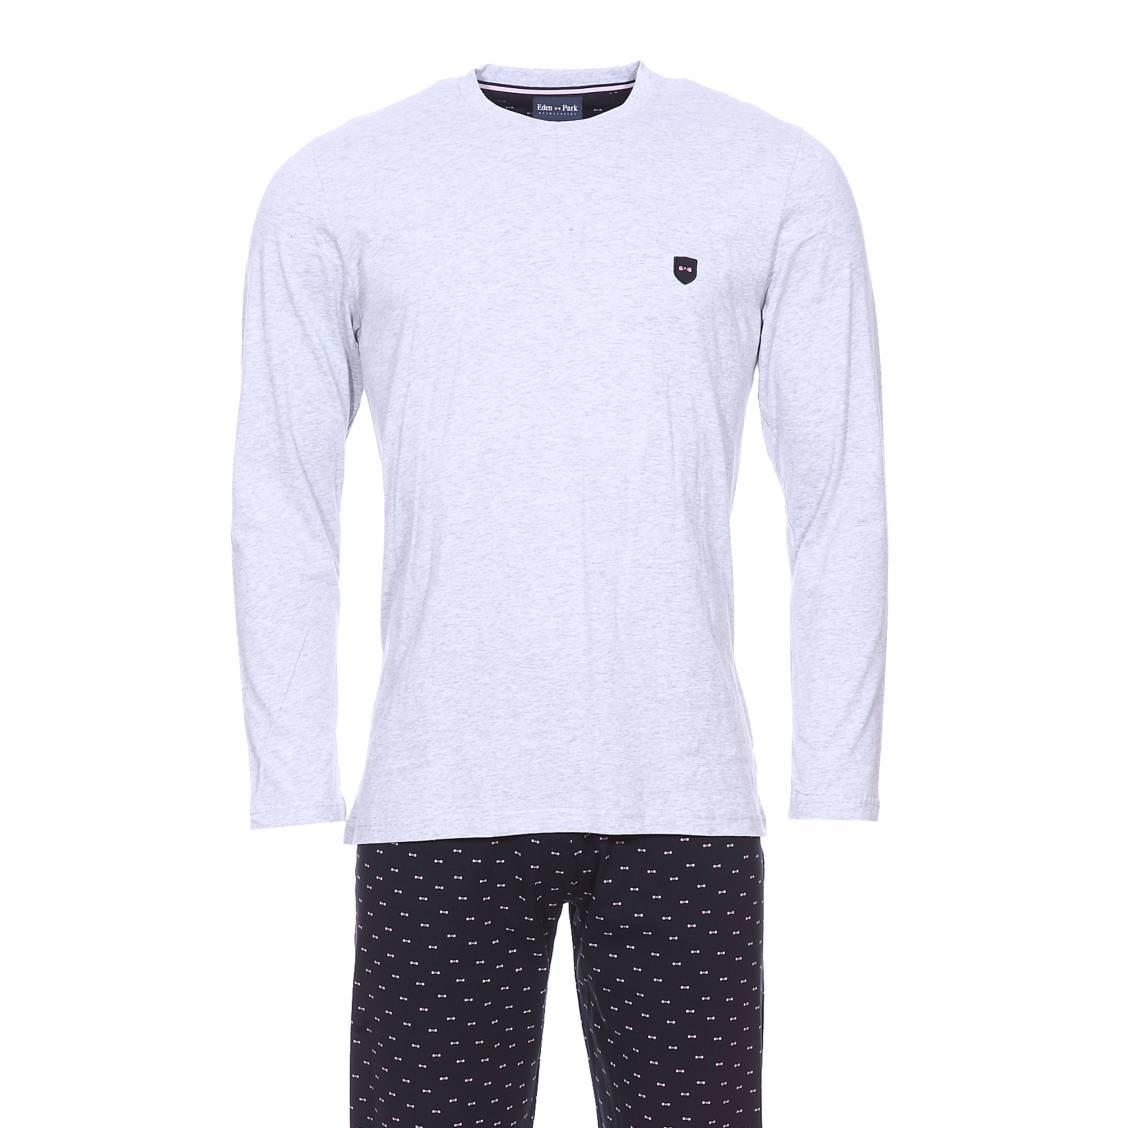 Shirt Longues Gris Tee Eden Coton Long En Pyjama Park Manches xY8AFcq